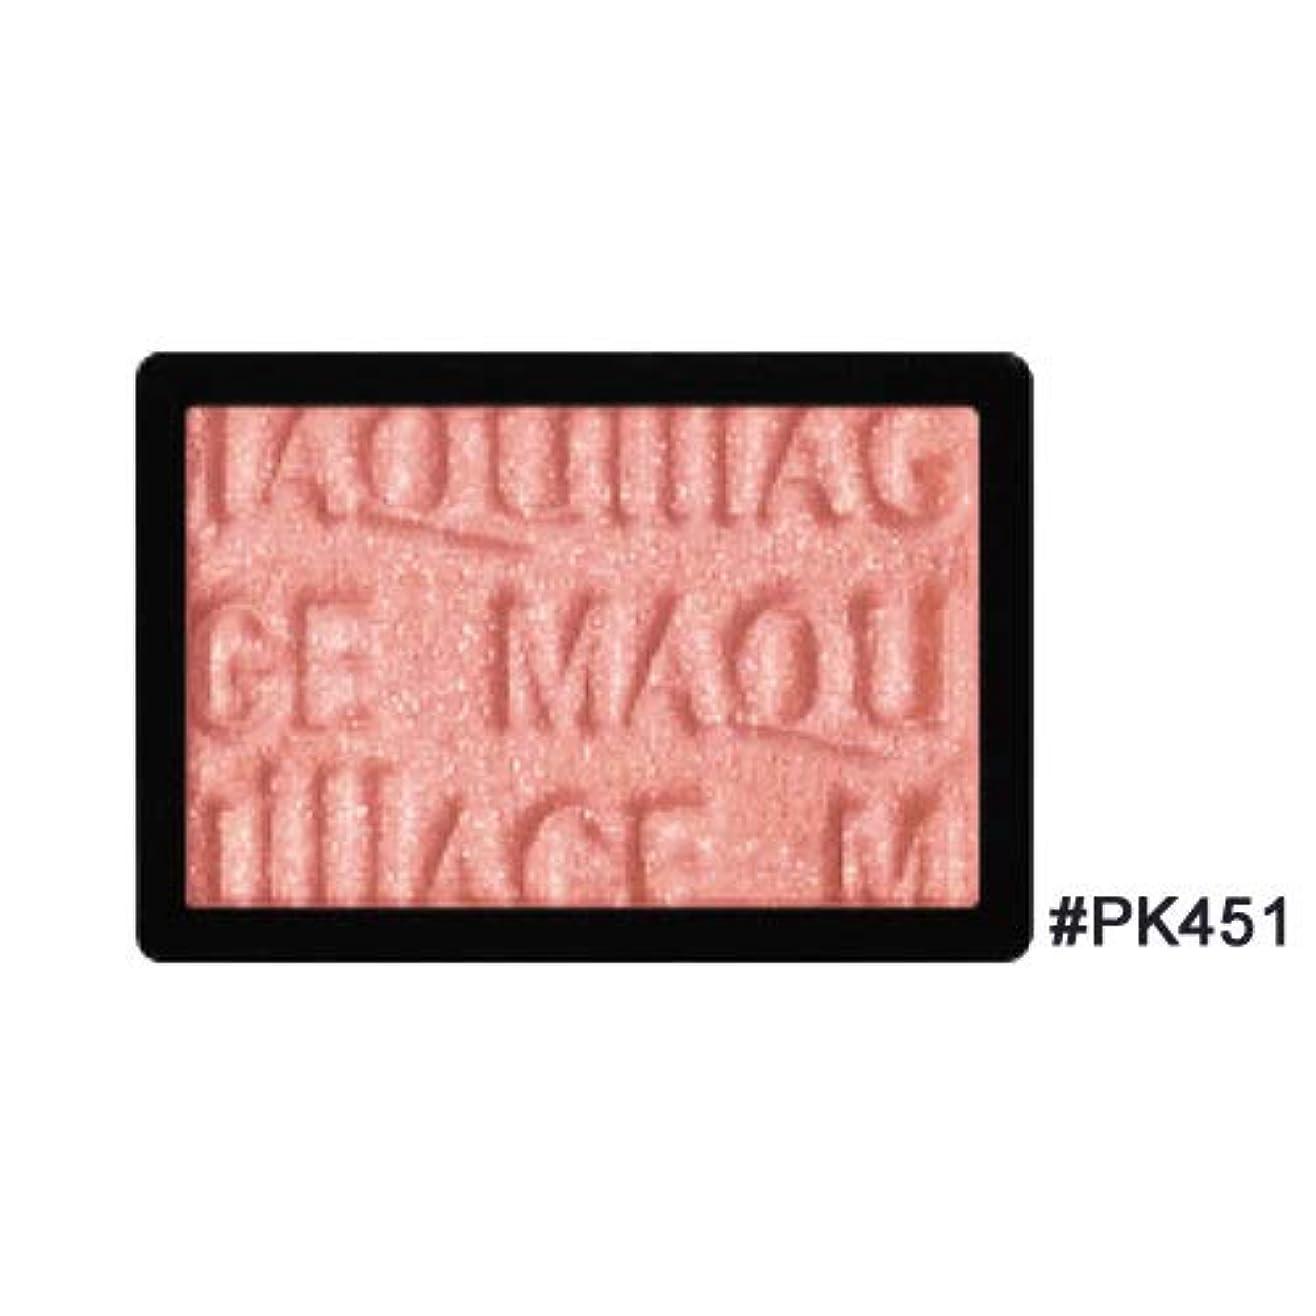 十分に理想的には逸話資生堂 SHISEIDO マキアージュ アイカラー N (パウダー) レフィル #PK451 [並行輸入品]